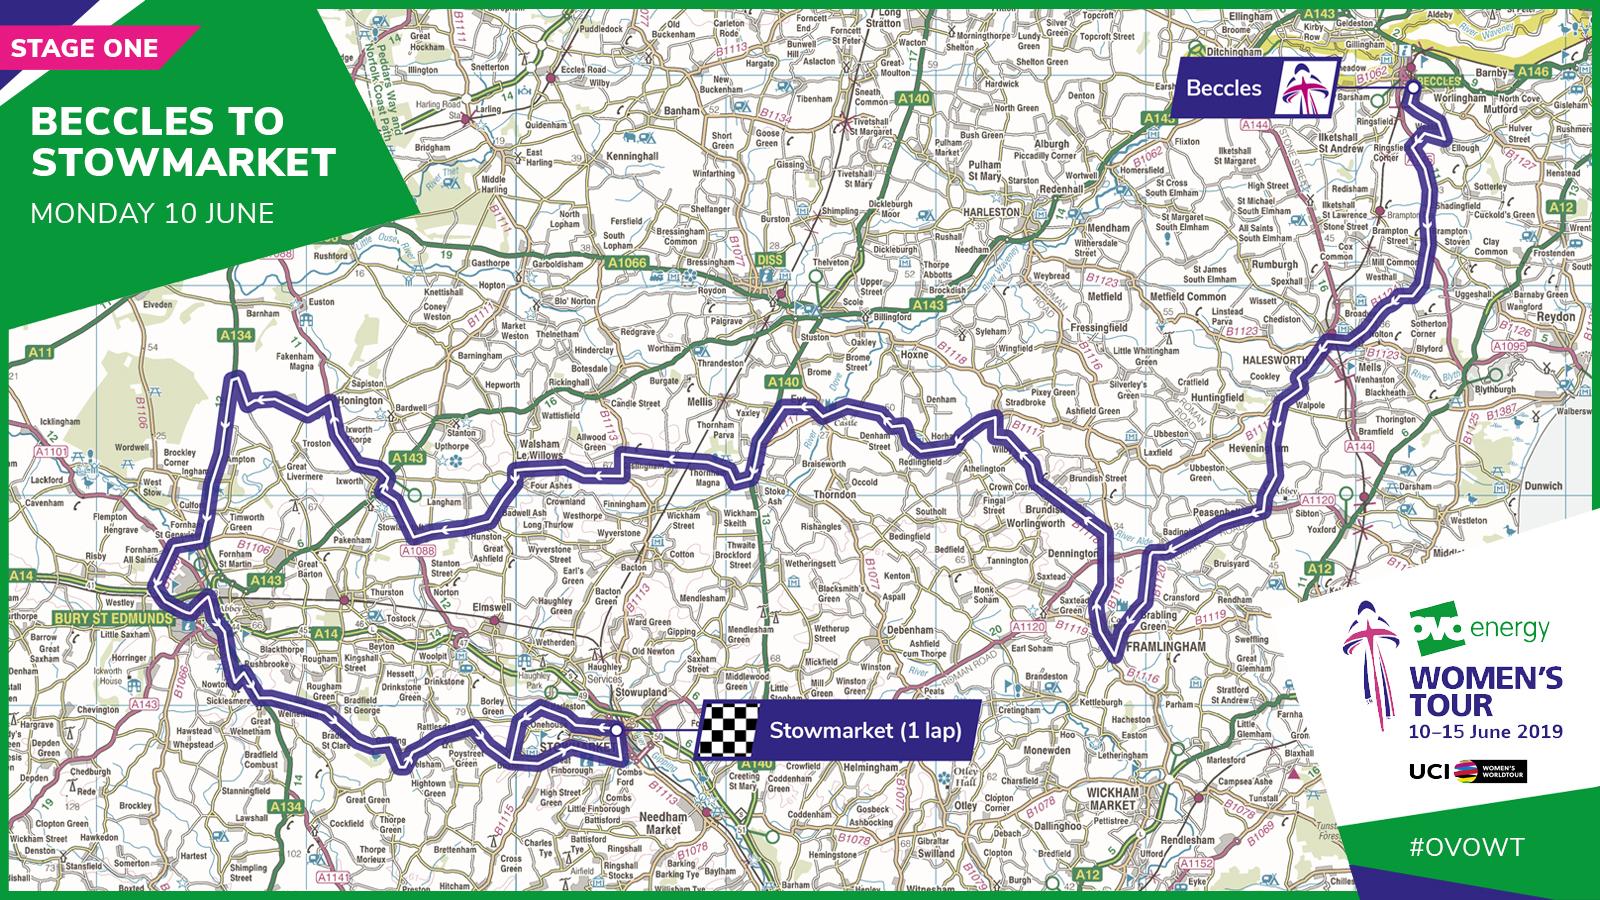 Suffolk Beccles Stowmarket Women's Tour